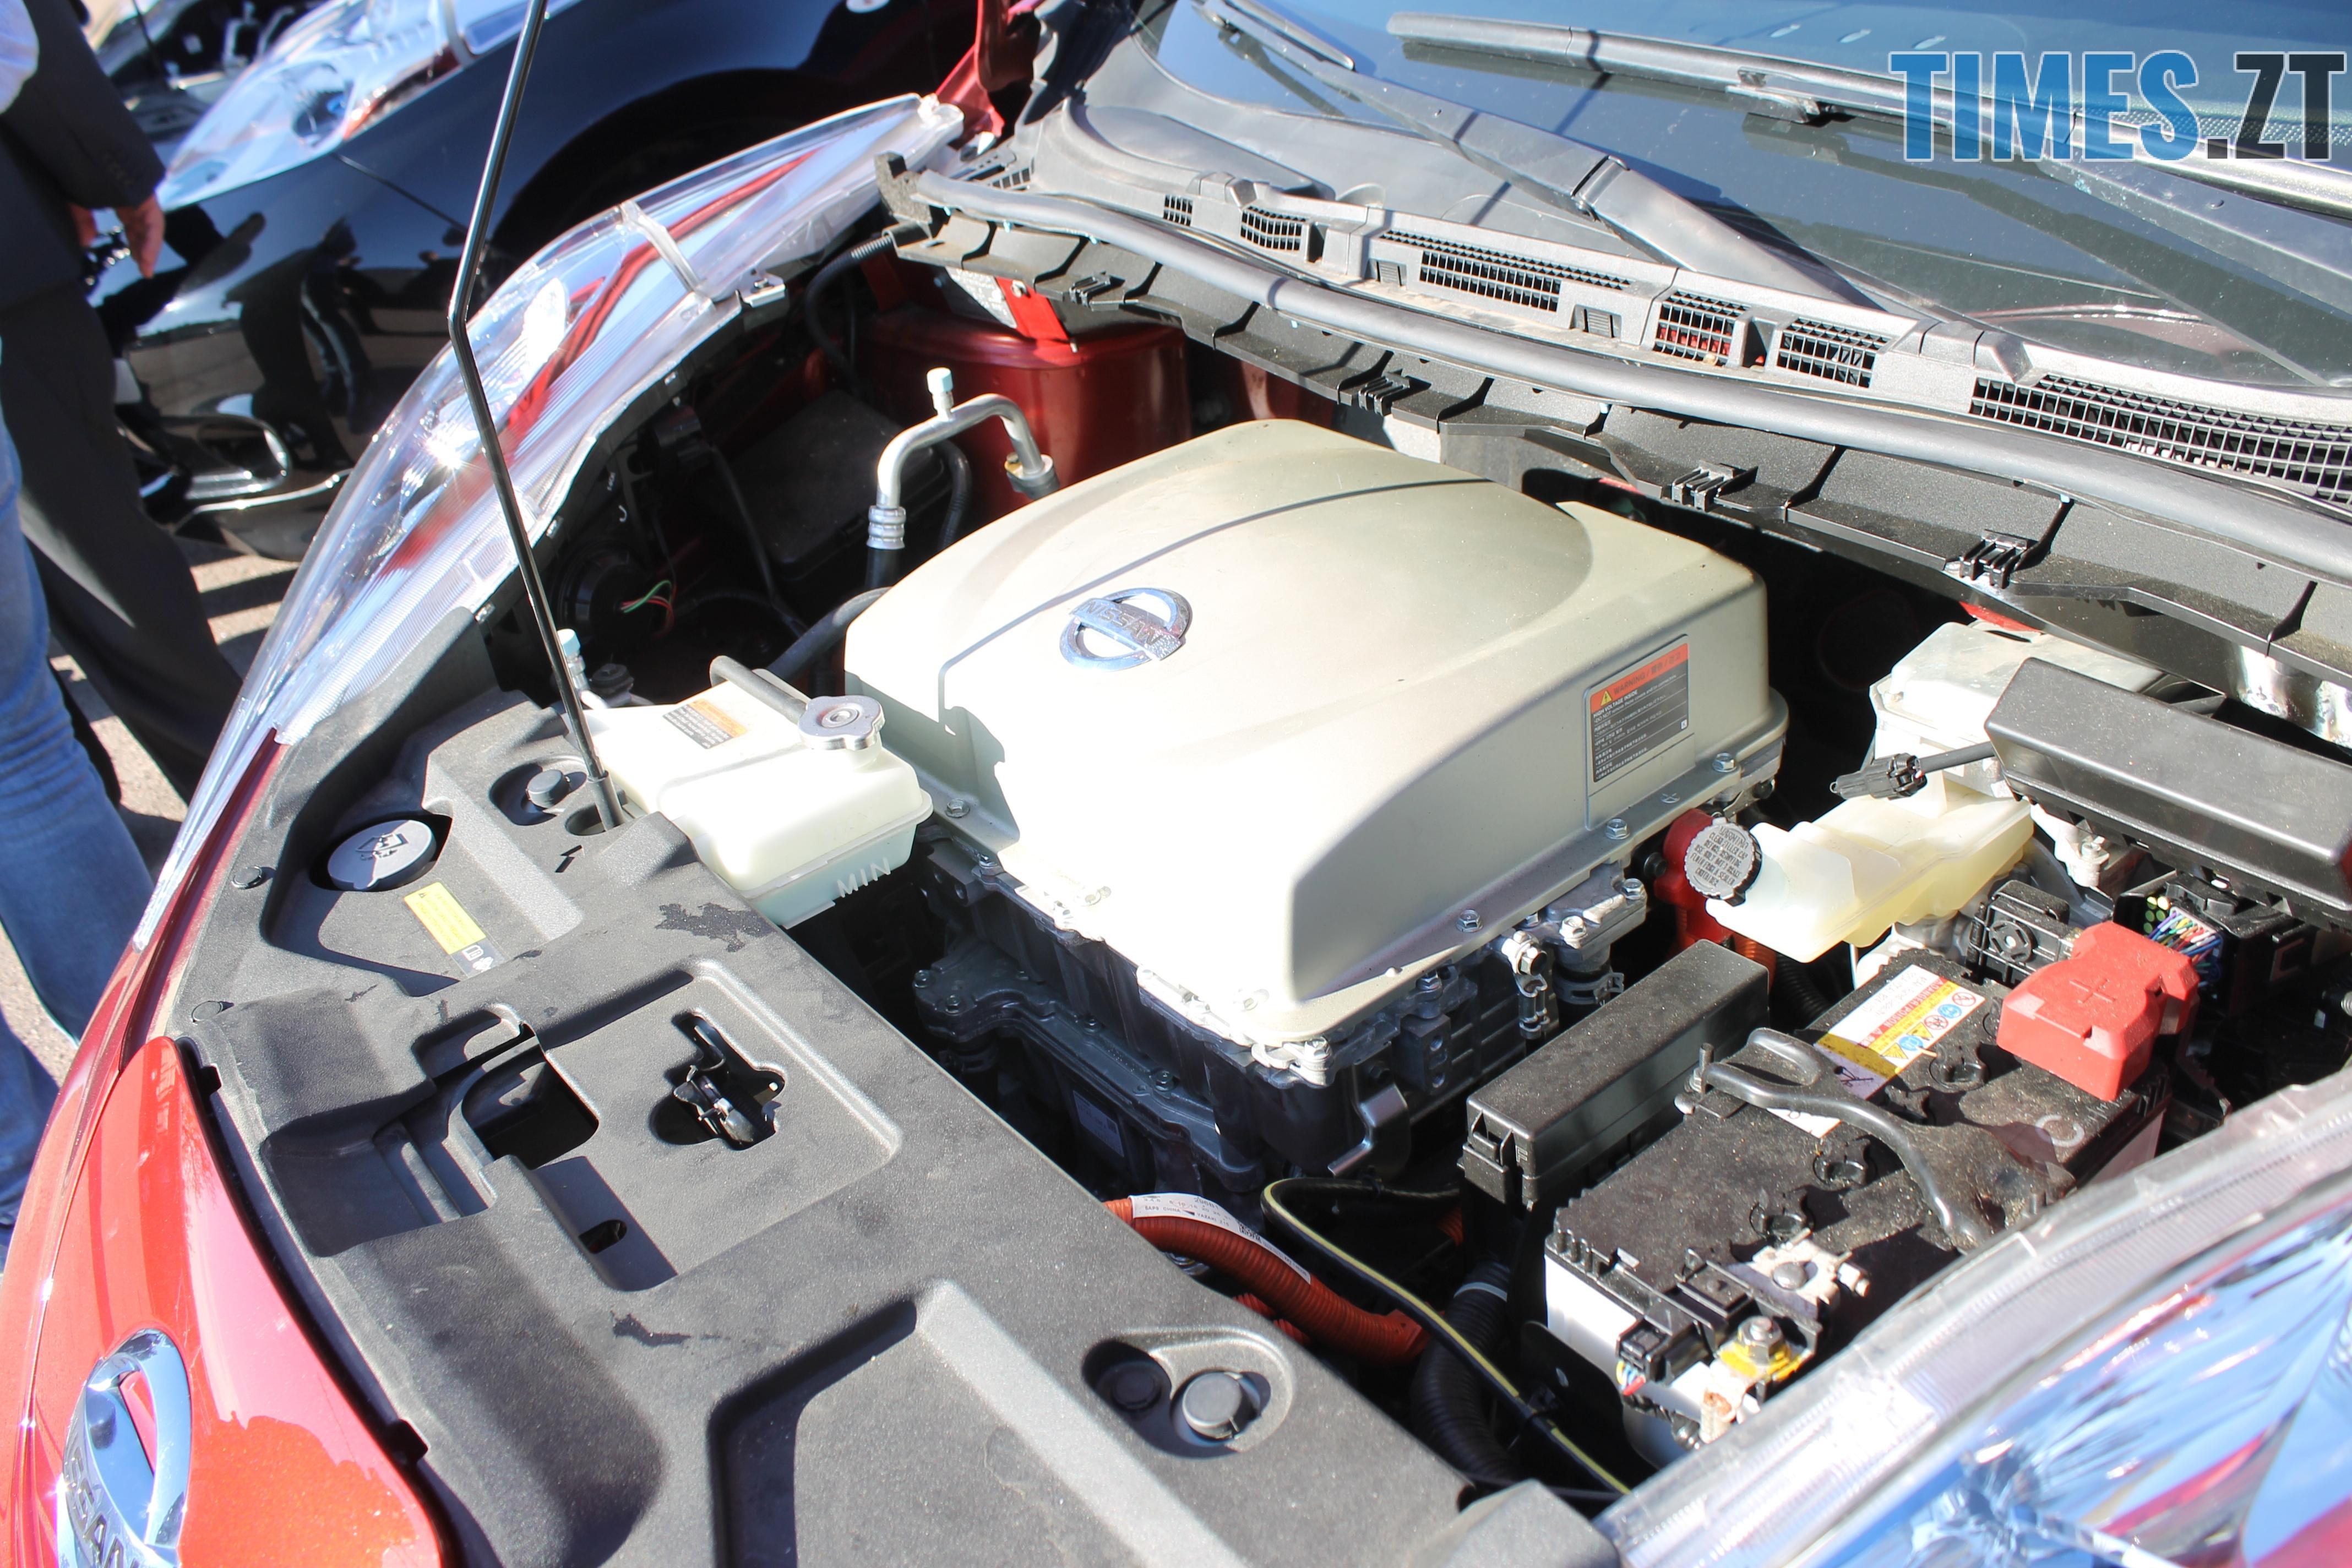 IMG 9228 - У Житомирі показали медичні електрокари, які вже за декілька днів будуть їздити містом